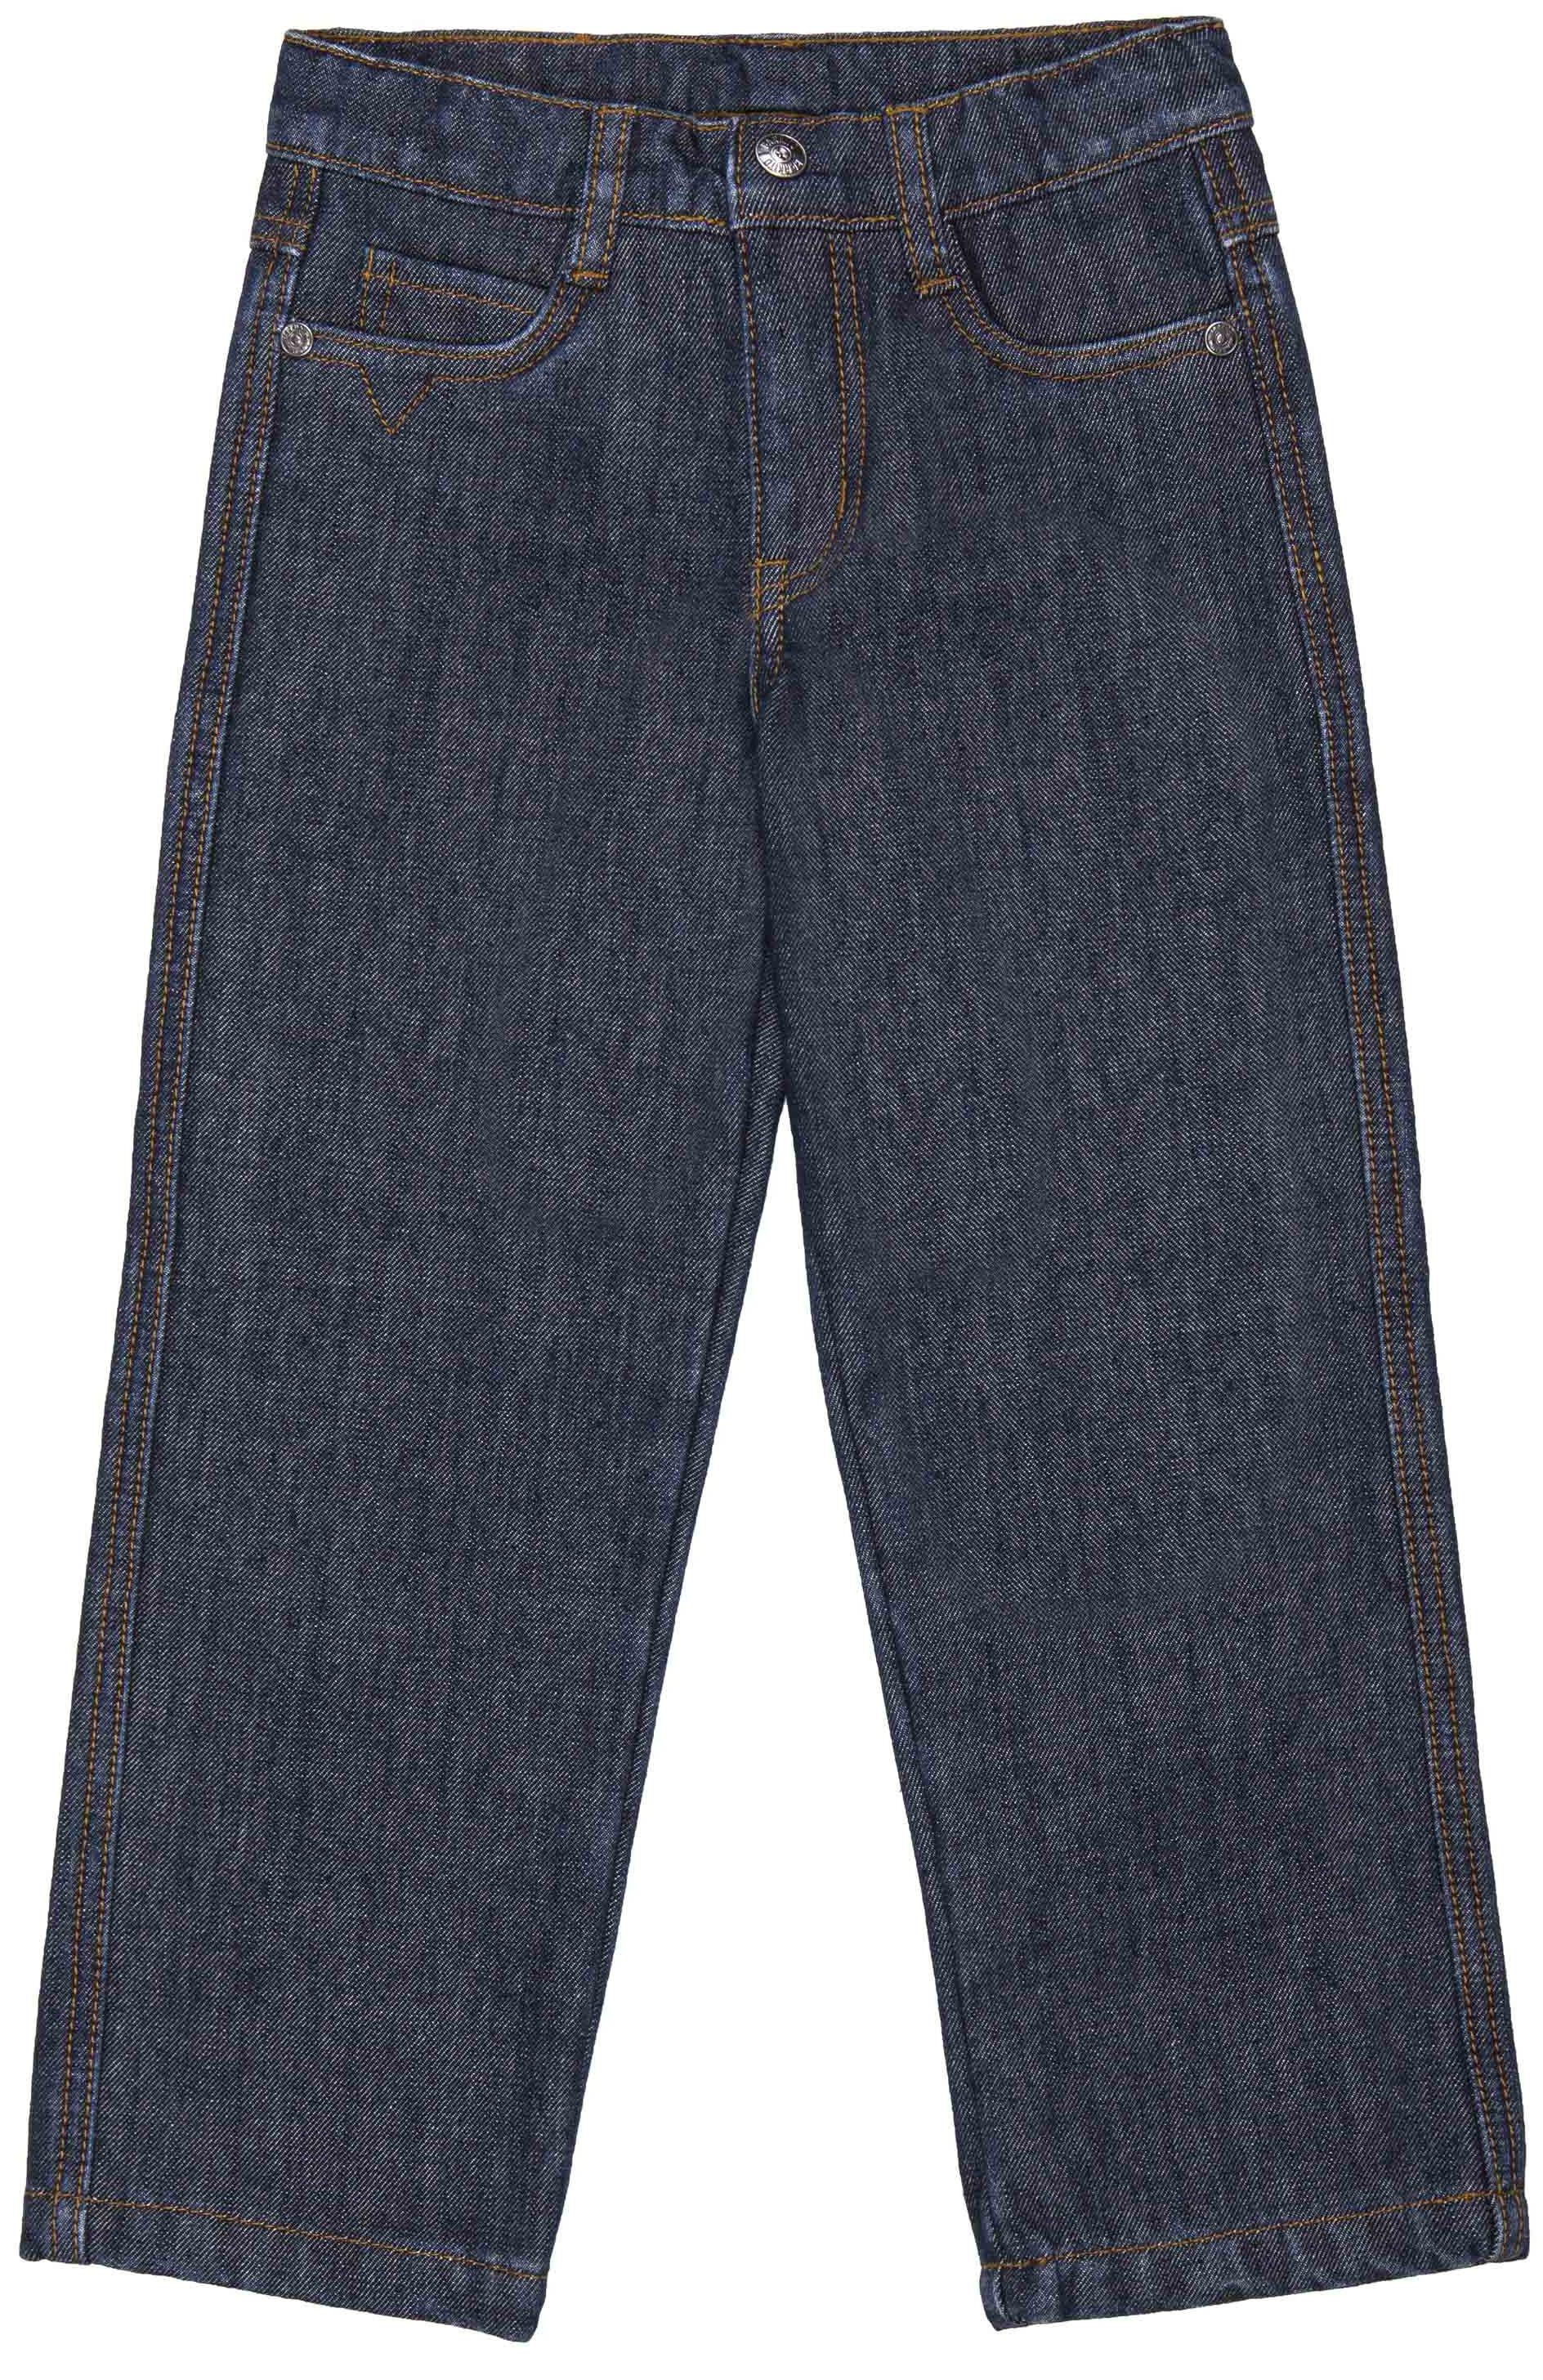 Джинсы Barkito W17B4007D Деним синие billionaire синие потертые джинсы